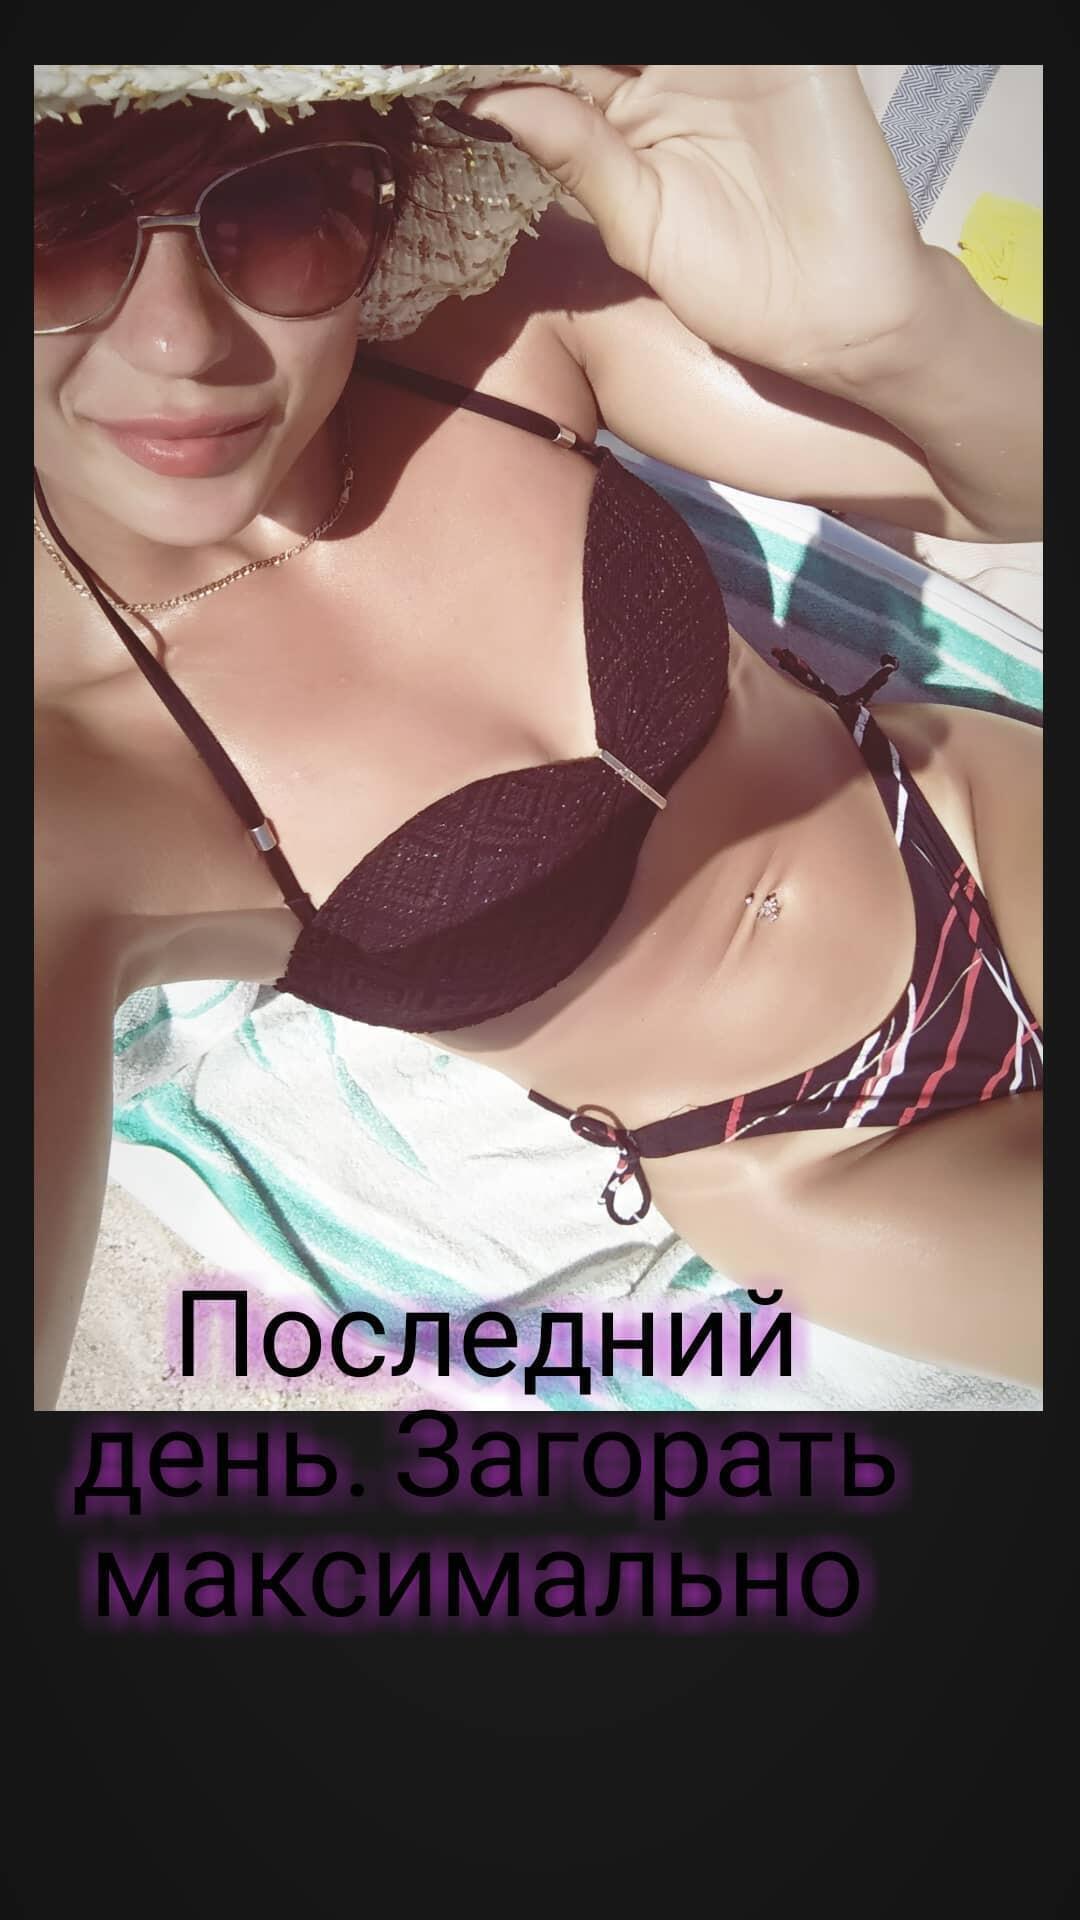 Біатлоністка збірної України знялася в гарячій фотосесії в купальнику